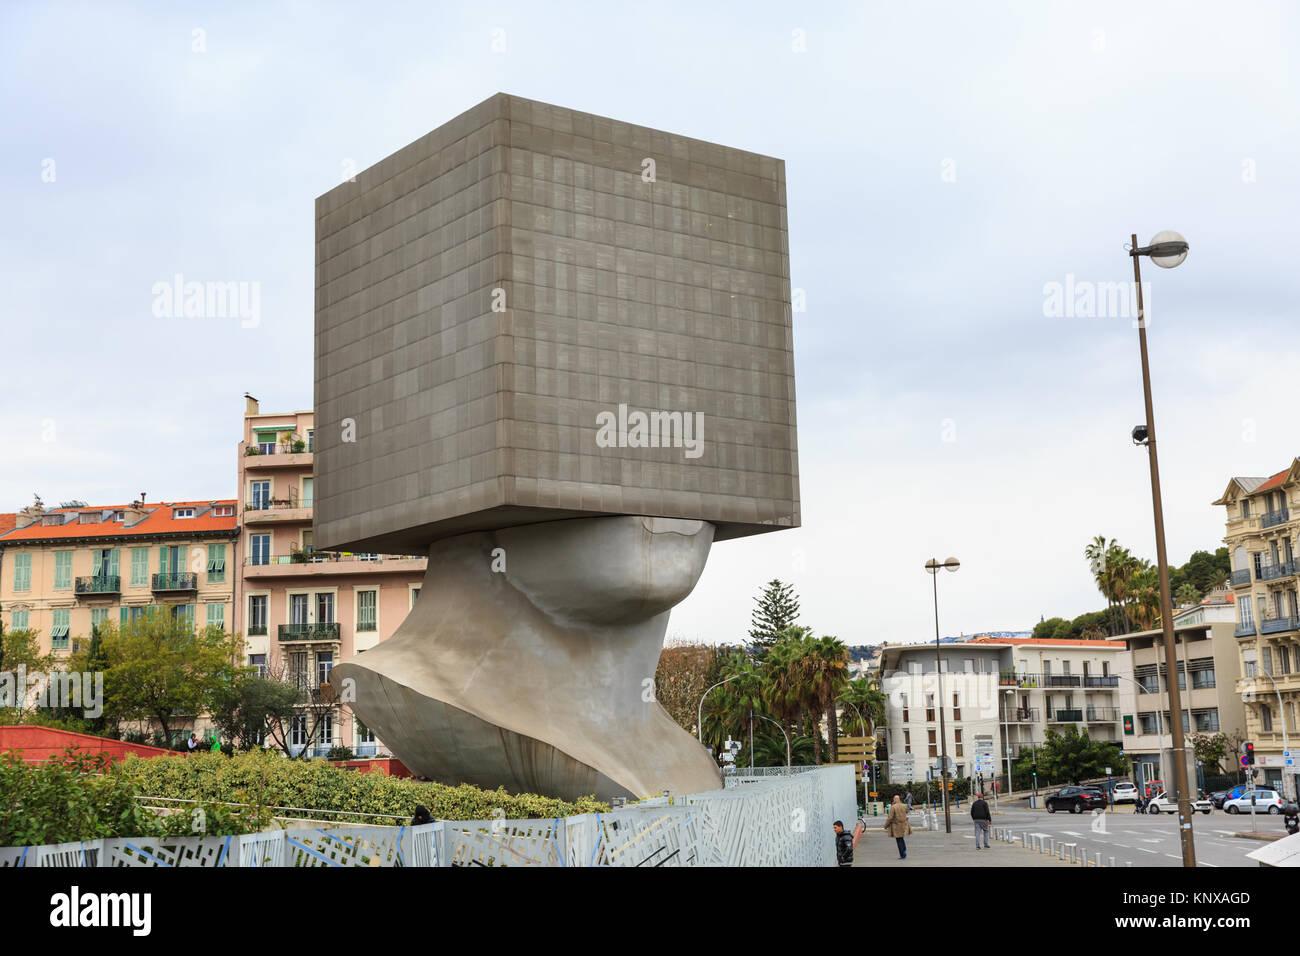 La Tête au Carré, The Square Head sculpture building, a cube shaped ...